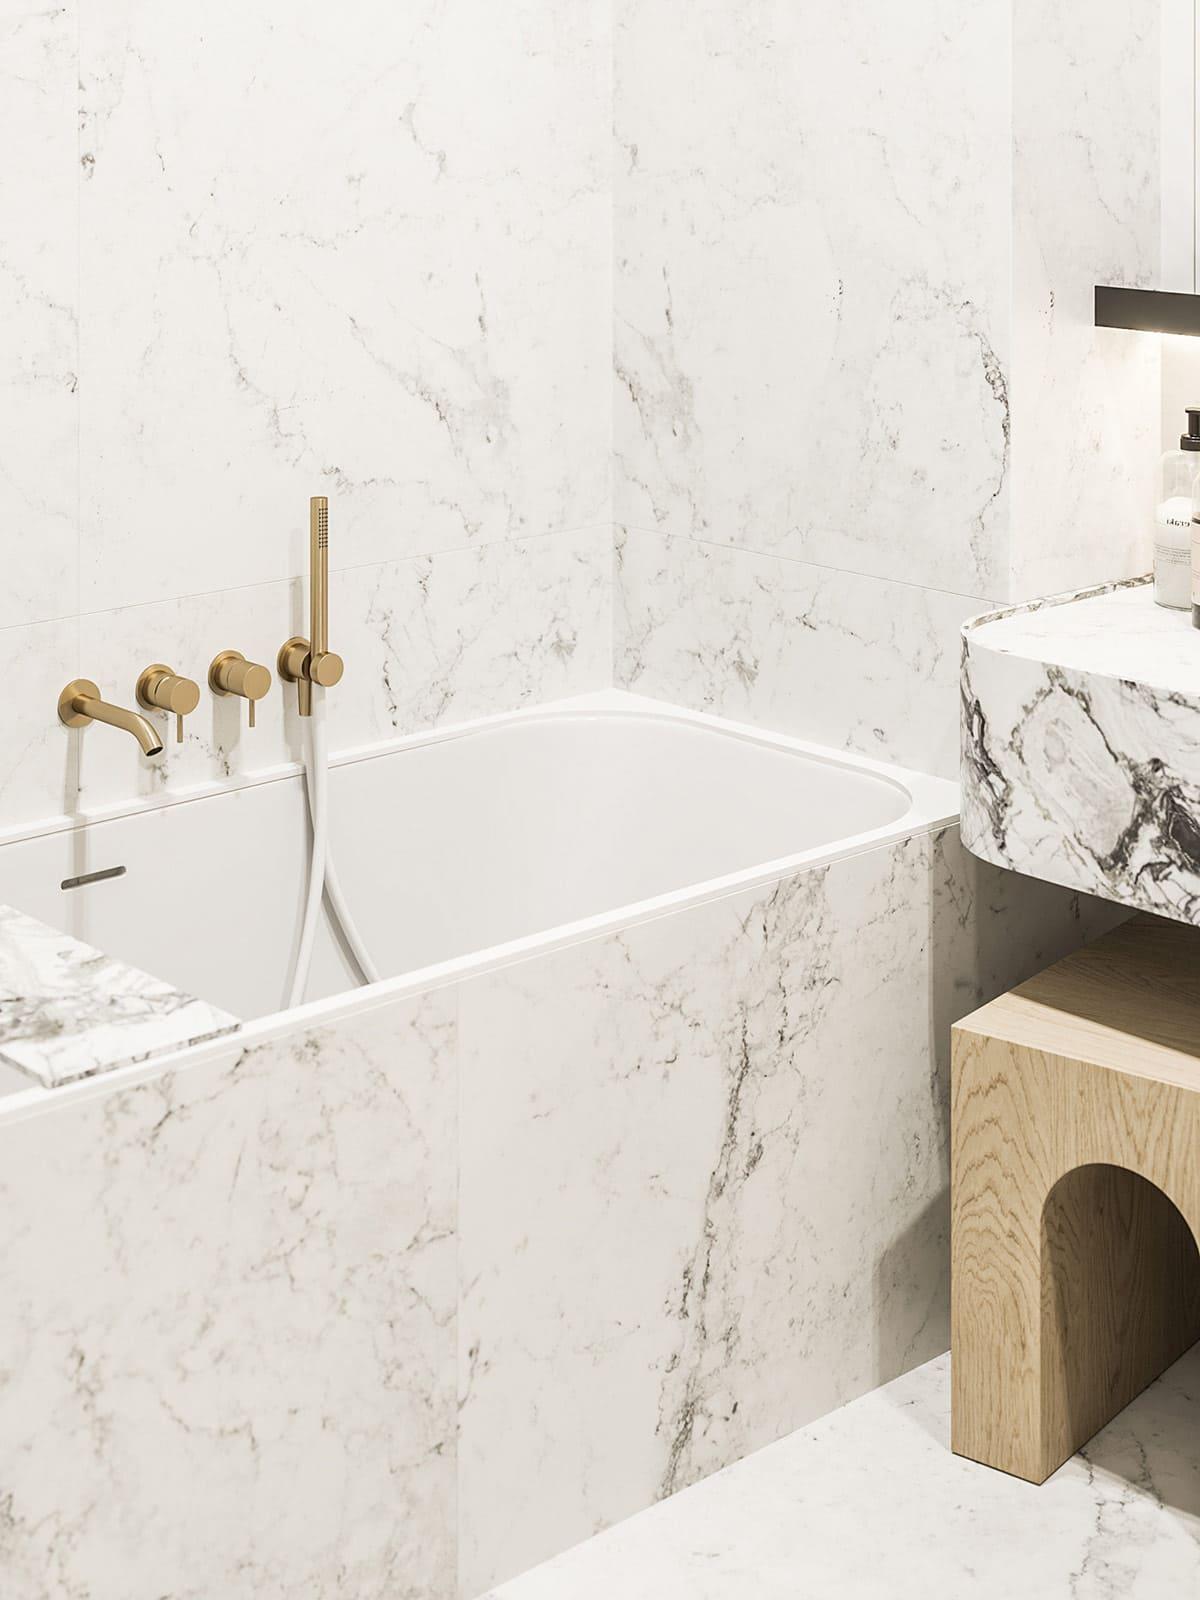 дизайн интерьера ванной комнаты фото 54